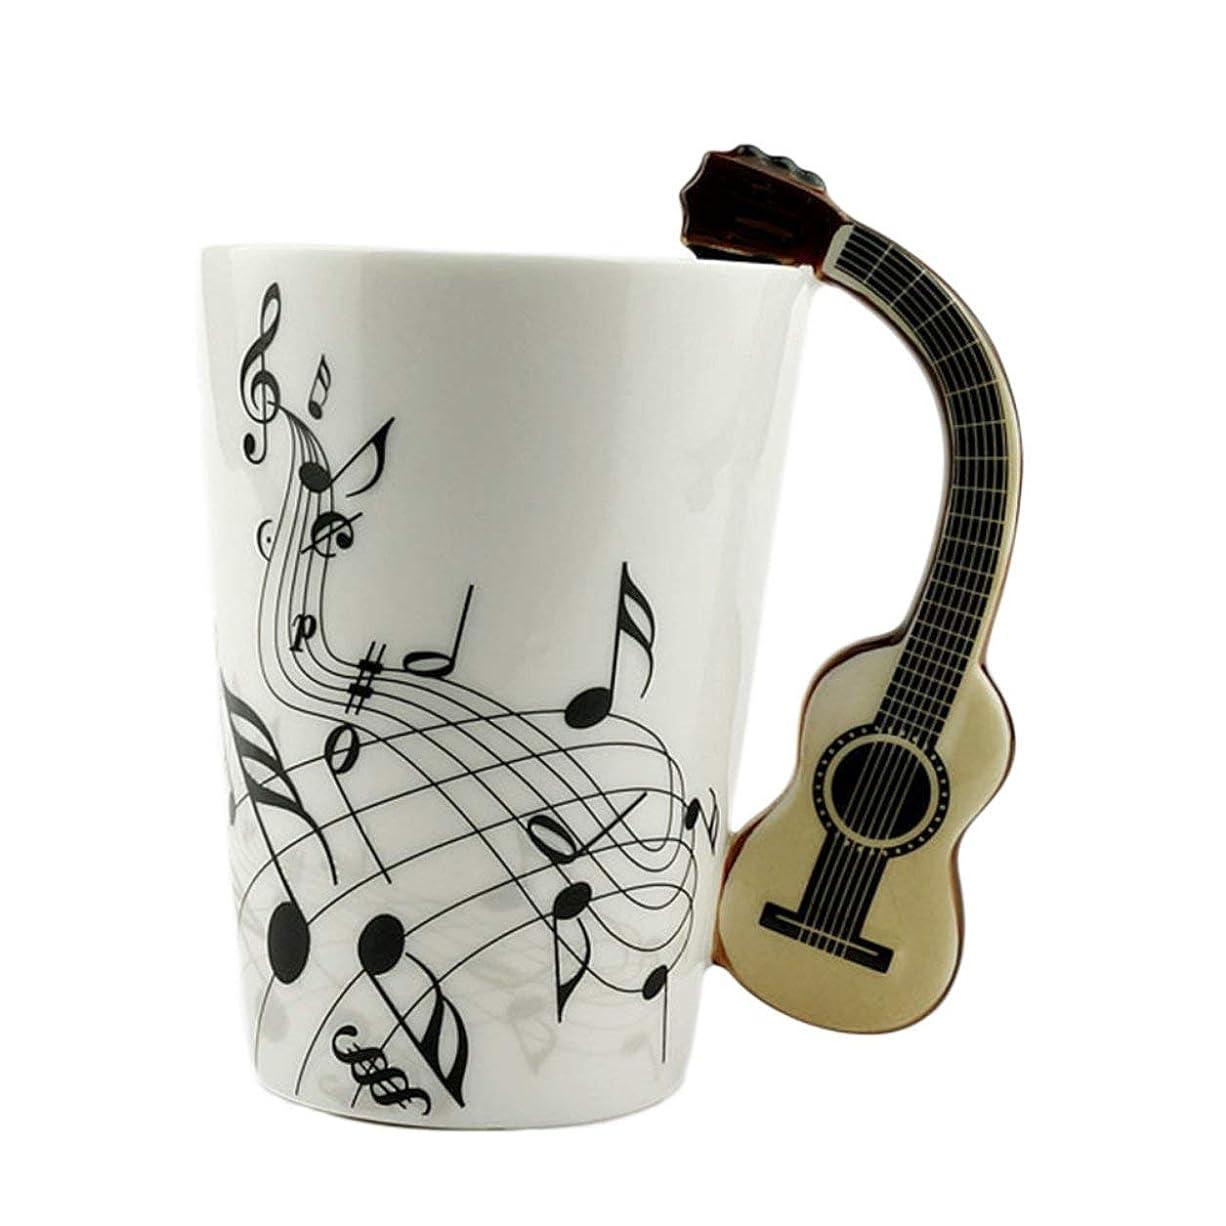 解説接地コンピューターゲームをプレイするSaikogoods ノベルティアートセラミックマグカップ楽器は スタイルのコーヒーミルクカップクリスマスギフトホームオフィスカップ グラスに注意してください。 ホワイトボディギター